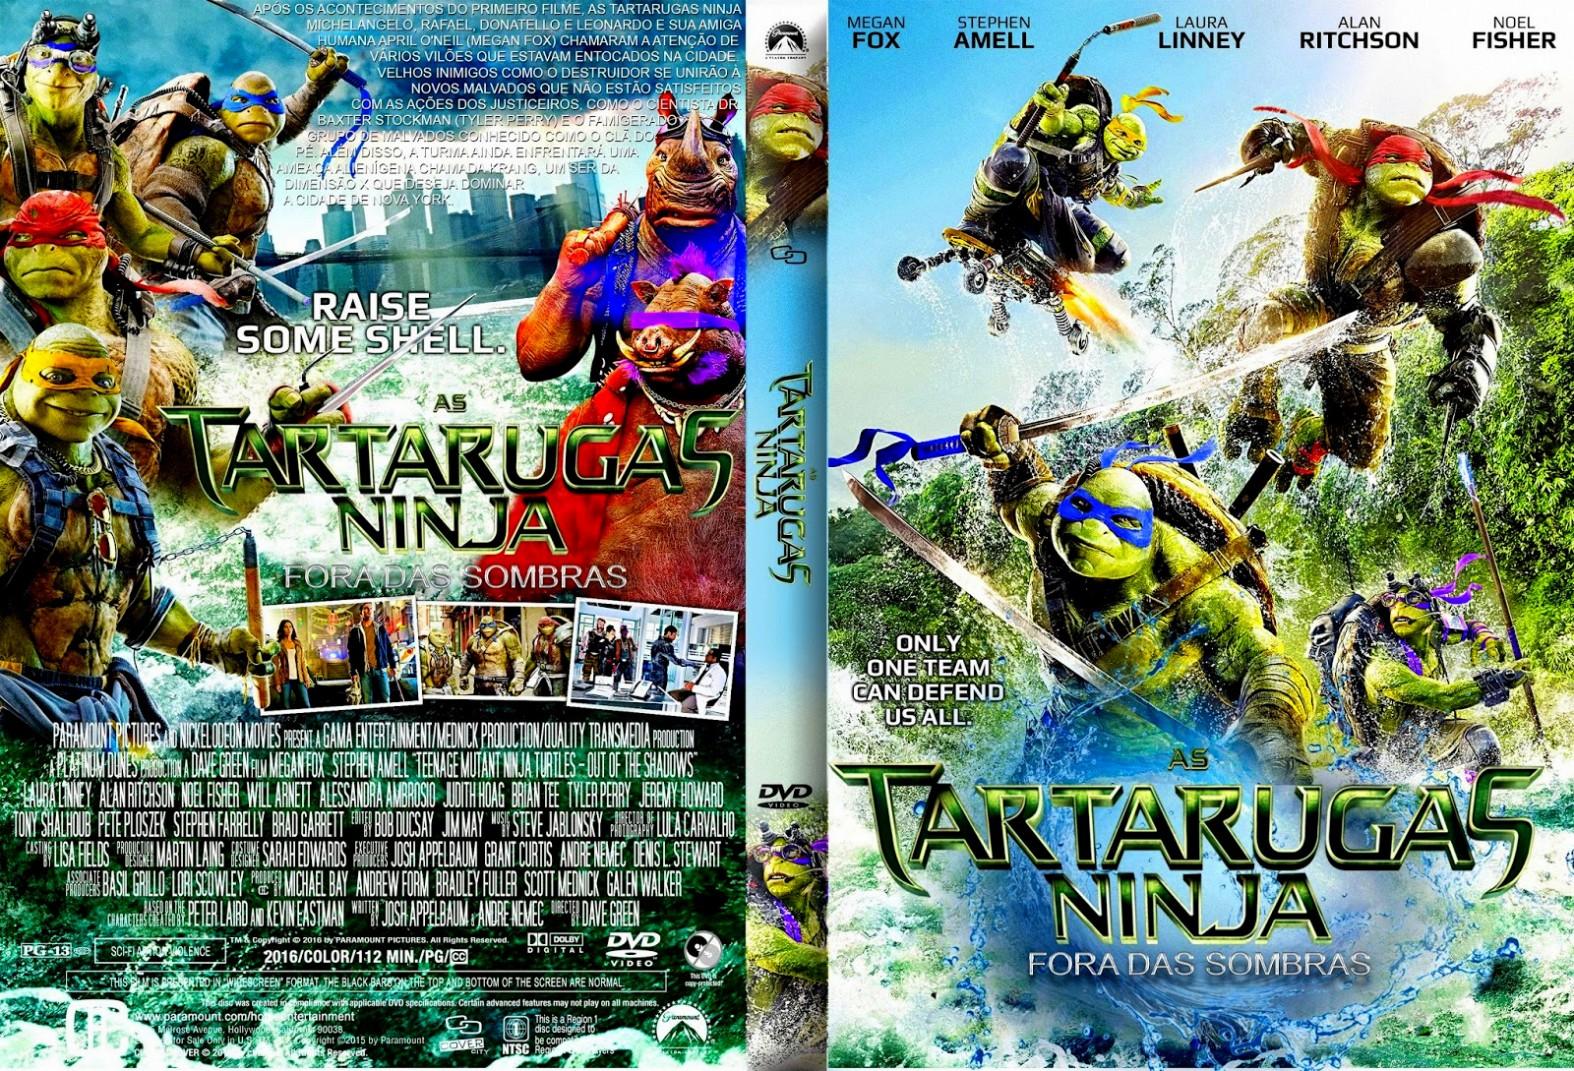 As Tartarugas Ninja Fora das Sombras BDRip Dual Áudio As Tartarugas Ninja Fora das Sombras BDRip Dual Áudio As 2BTartarugas 2BNinja 2BFora 2Bdas 2BSombras 2B  2BXANDAODOWNLOAD